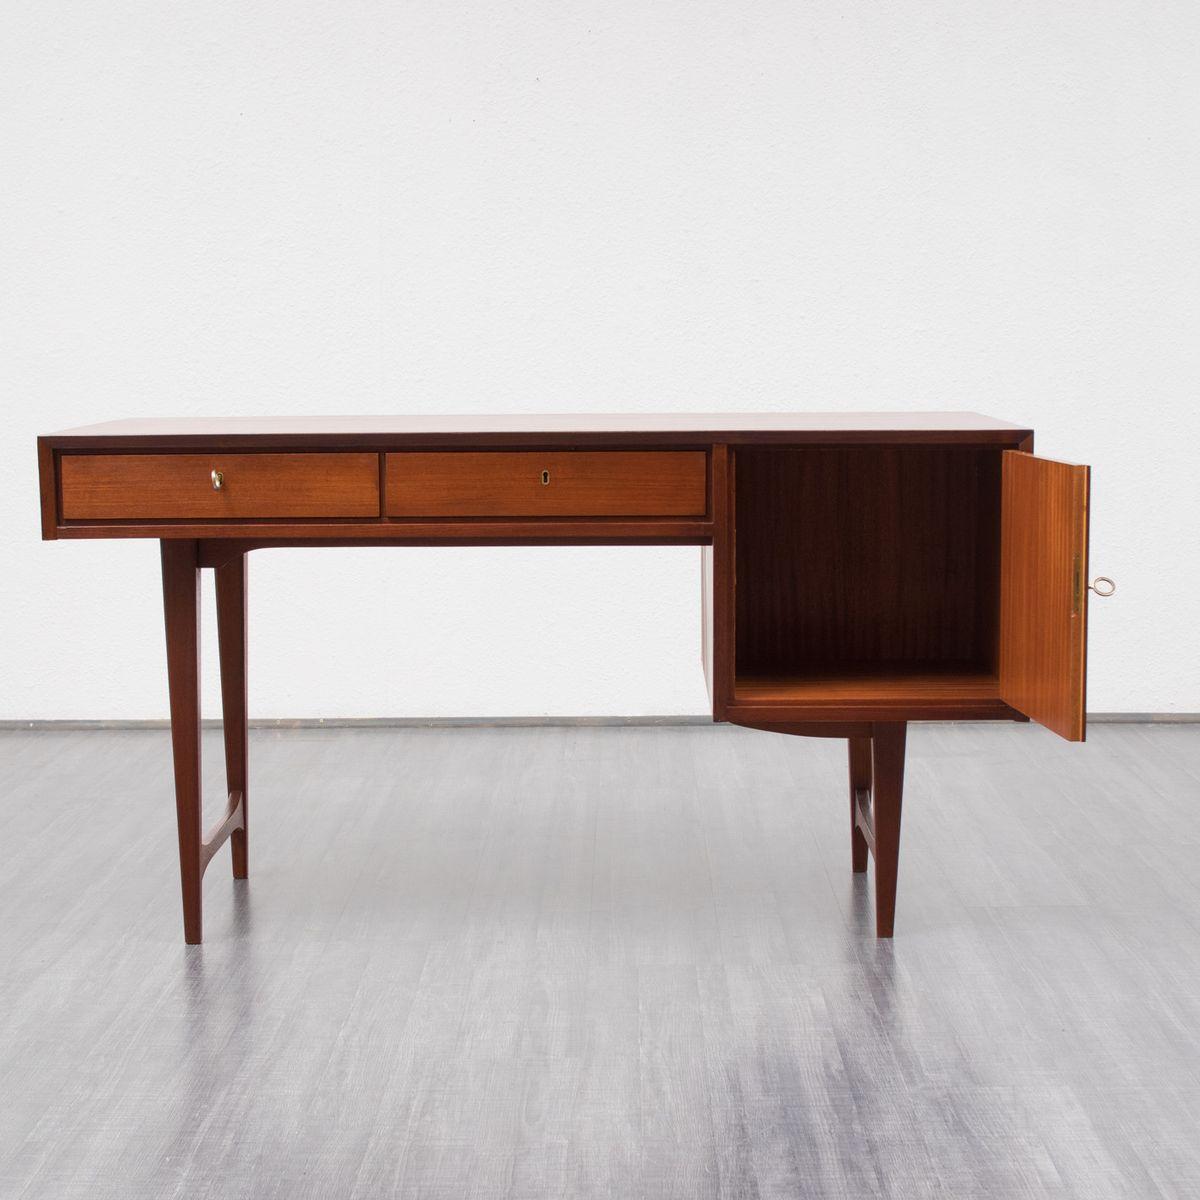 deutscher mid century schreibtisch 1960er bei pamono kaufen. Black Bedroom Furniture Sets. Home Design Ideas